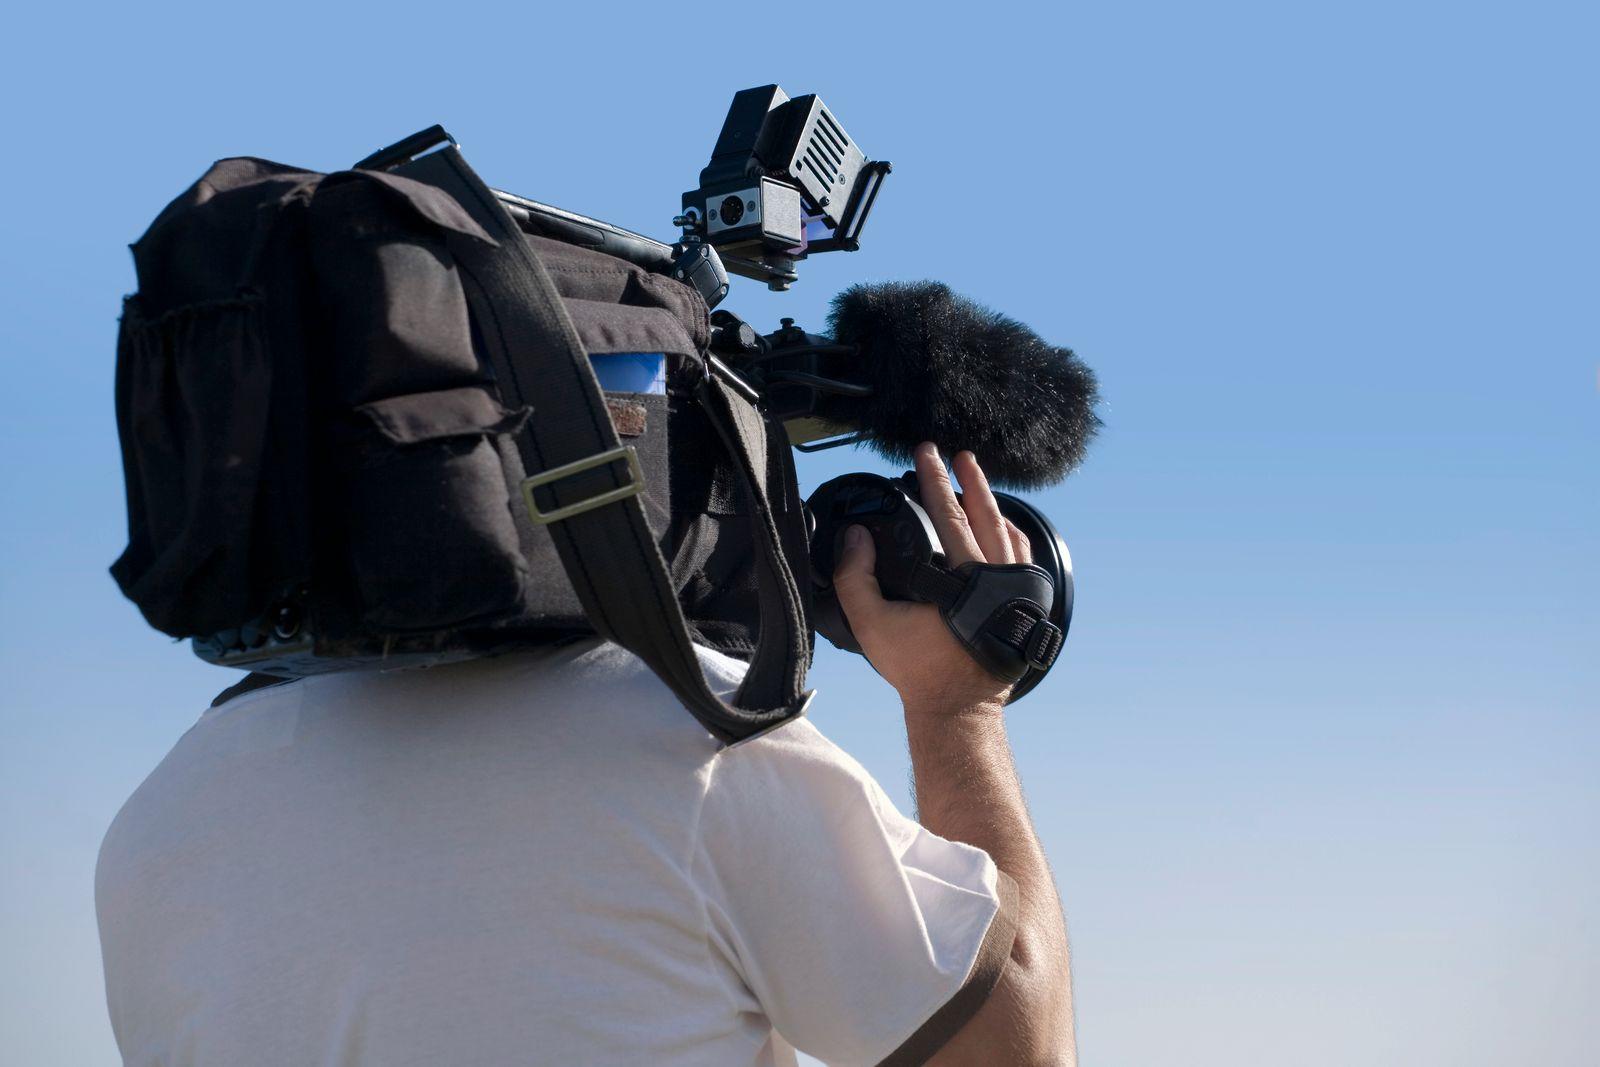 Cameraman at work outdoors